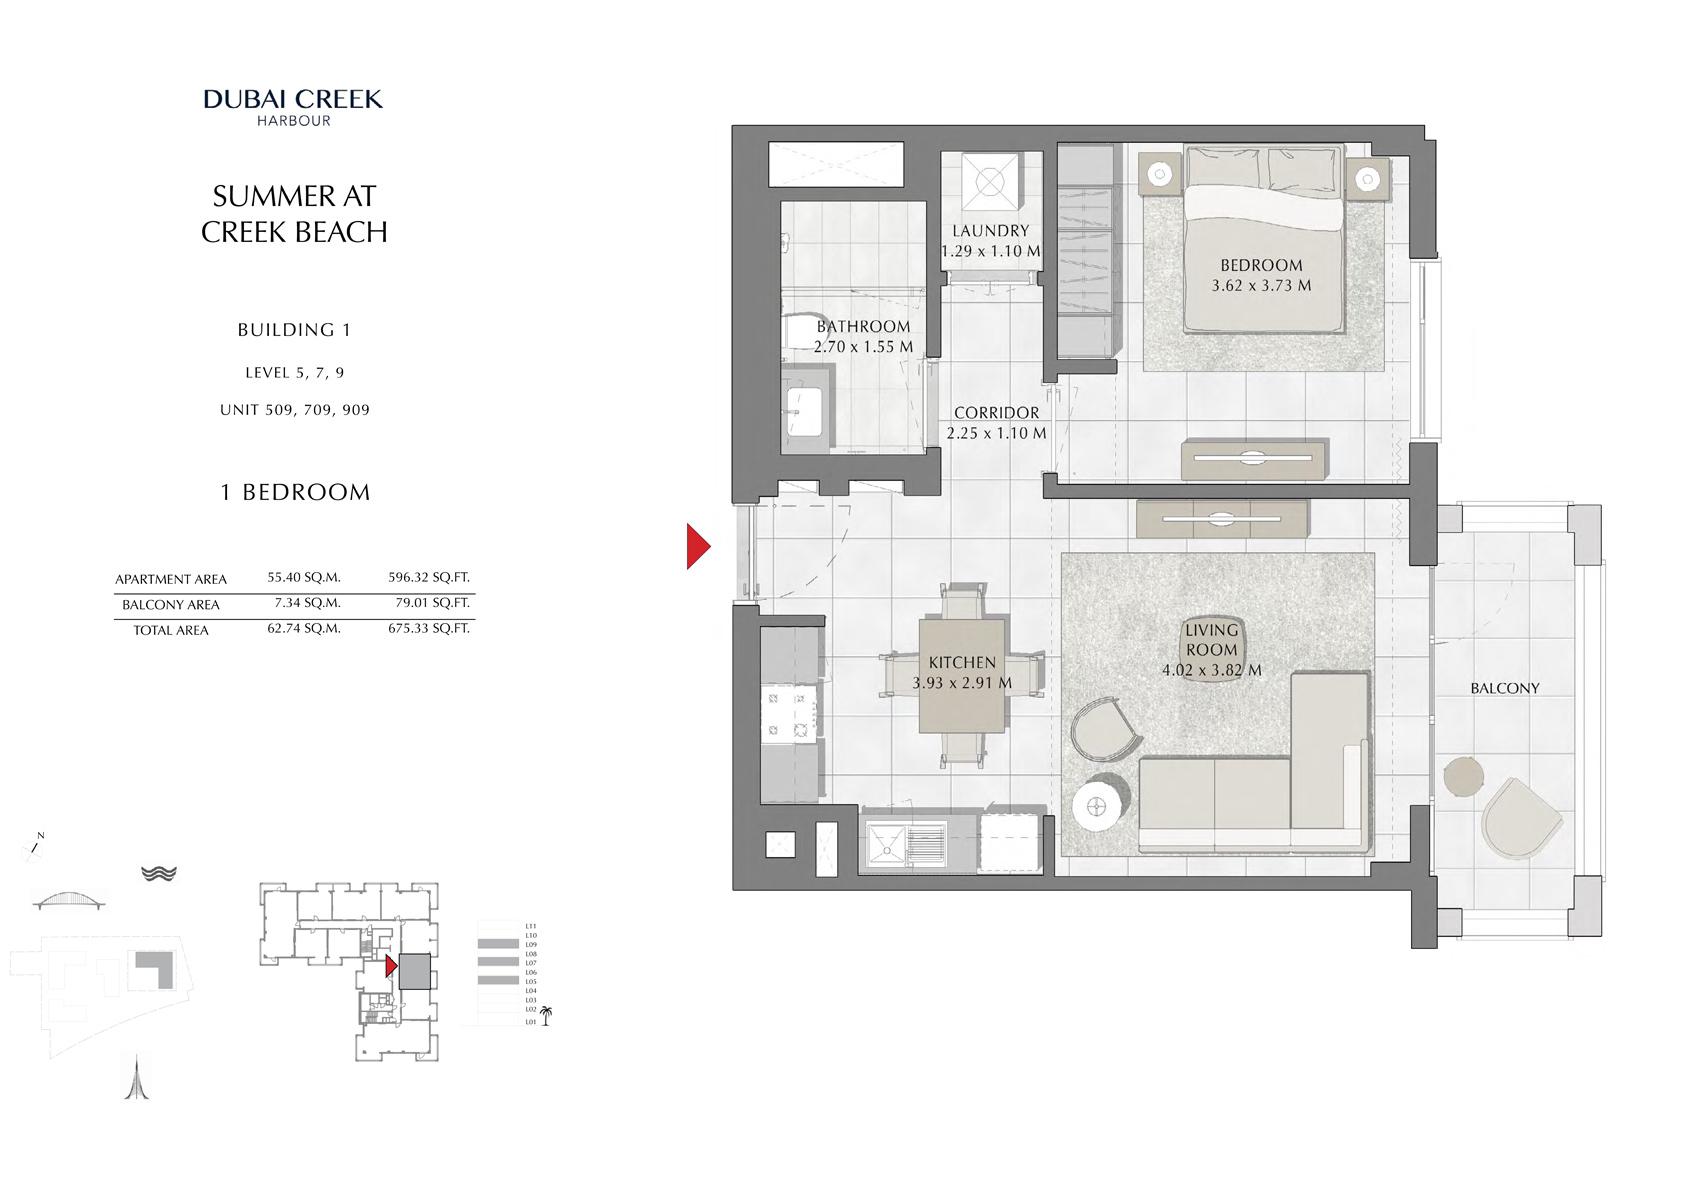 1 Br Building 1 Level-5-7-9 Unit 509-709-909, Size 675 Sq Ft